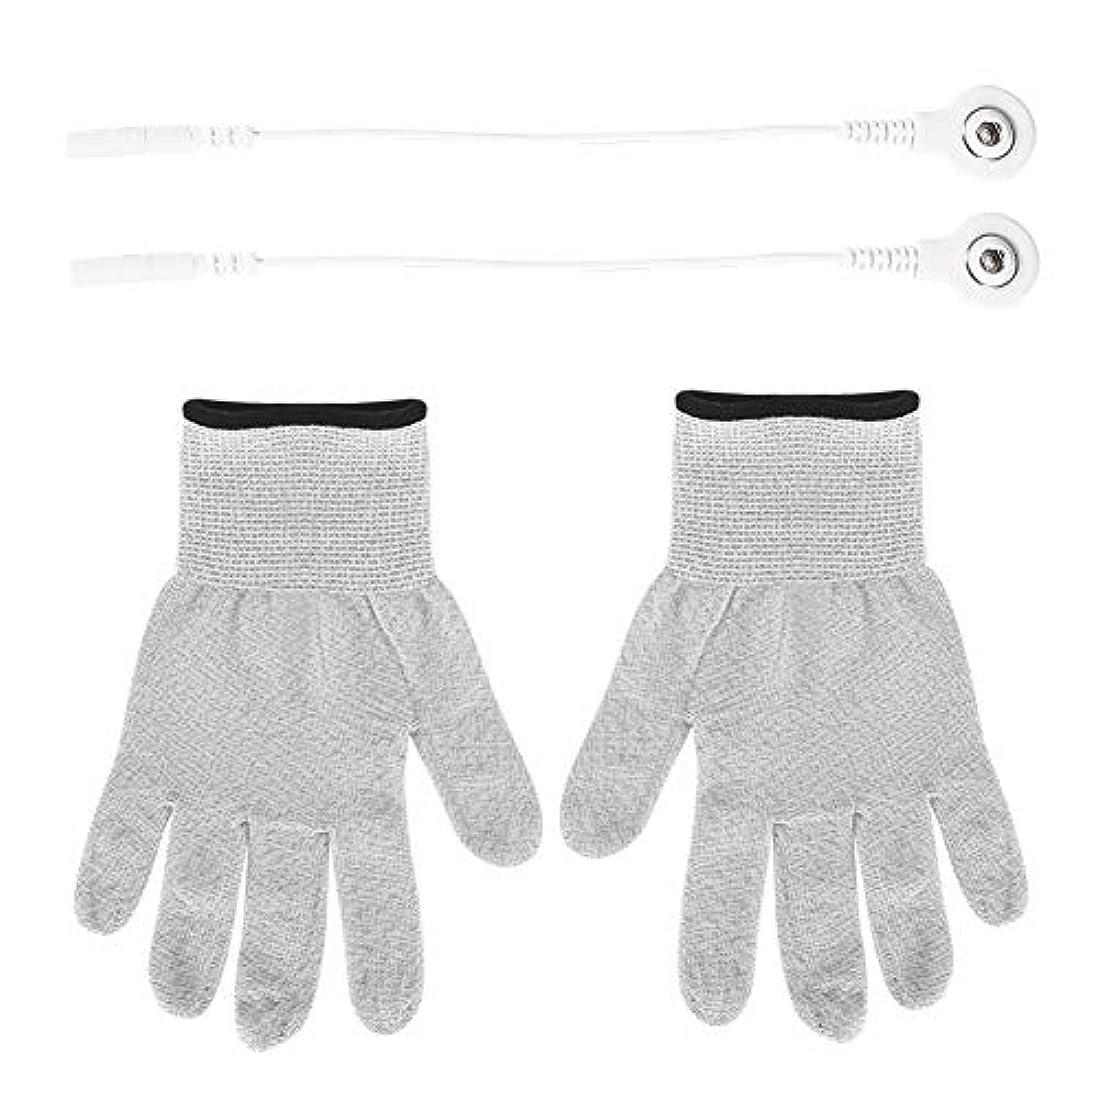 ブラシアドバンテージ習字1組 電極 手袋繊維 電気衝撃療法 マッサージ 手袋電気衝撃繊維 脈拍療法 マッサージ 伝導性 手袋